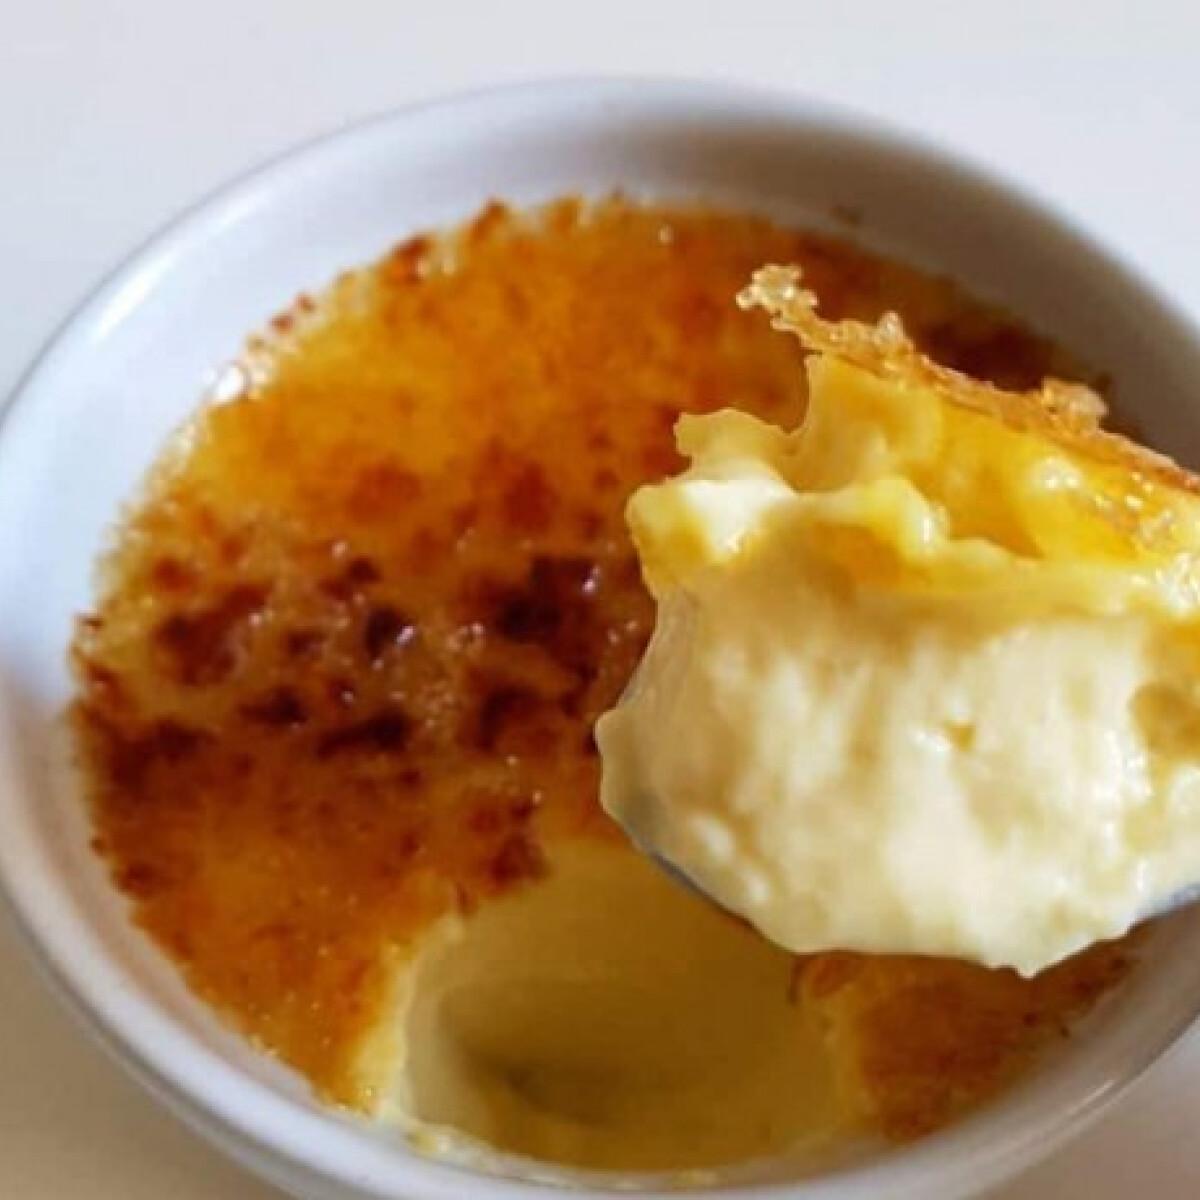 Ezen a képen: Crème brûlée Vivkó konyhájából